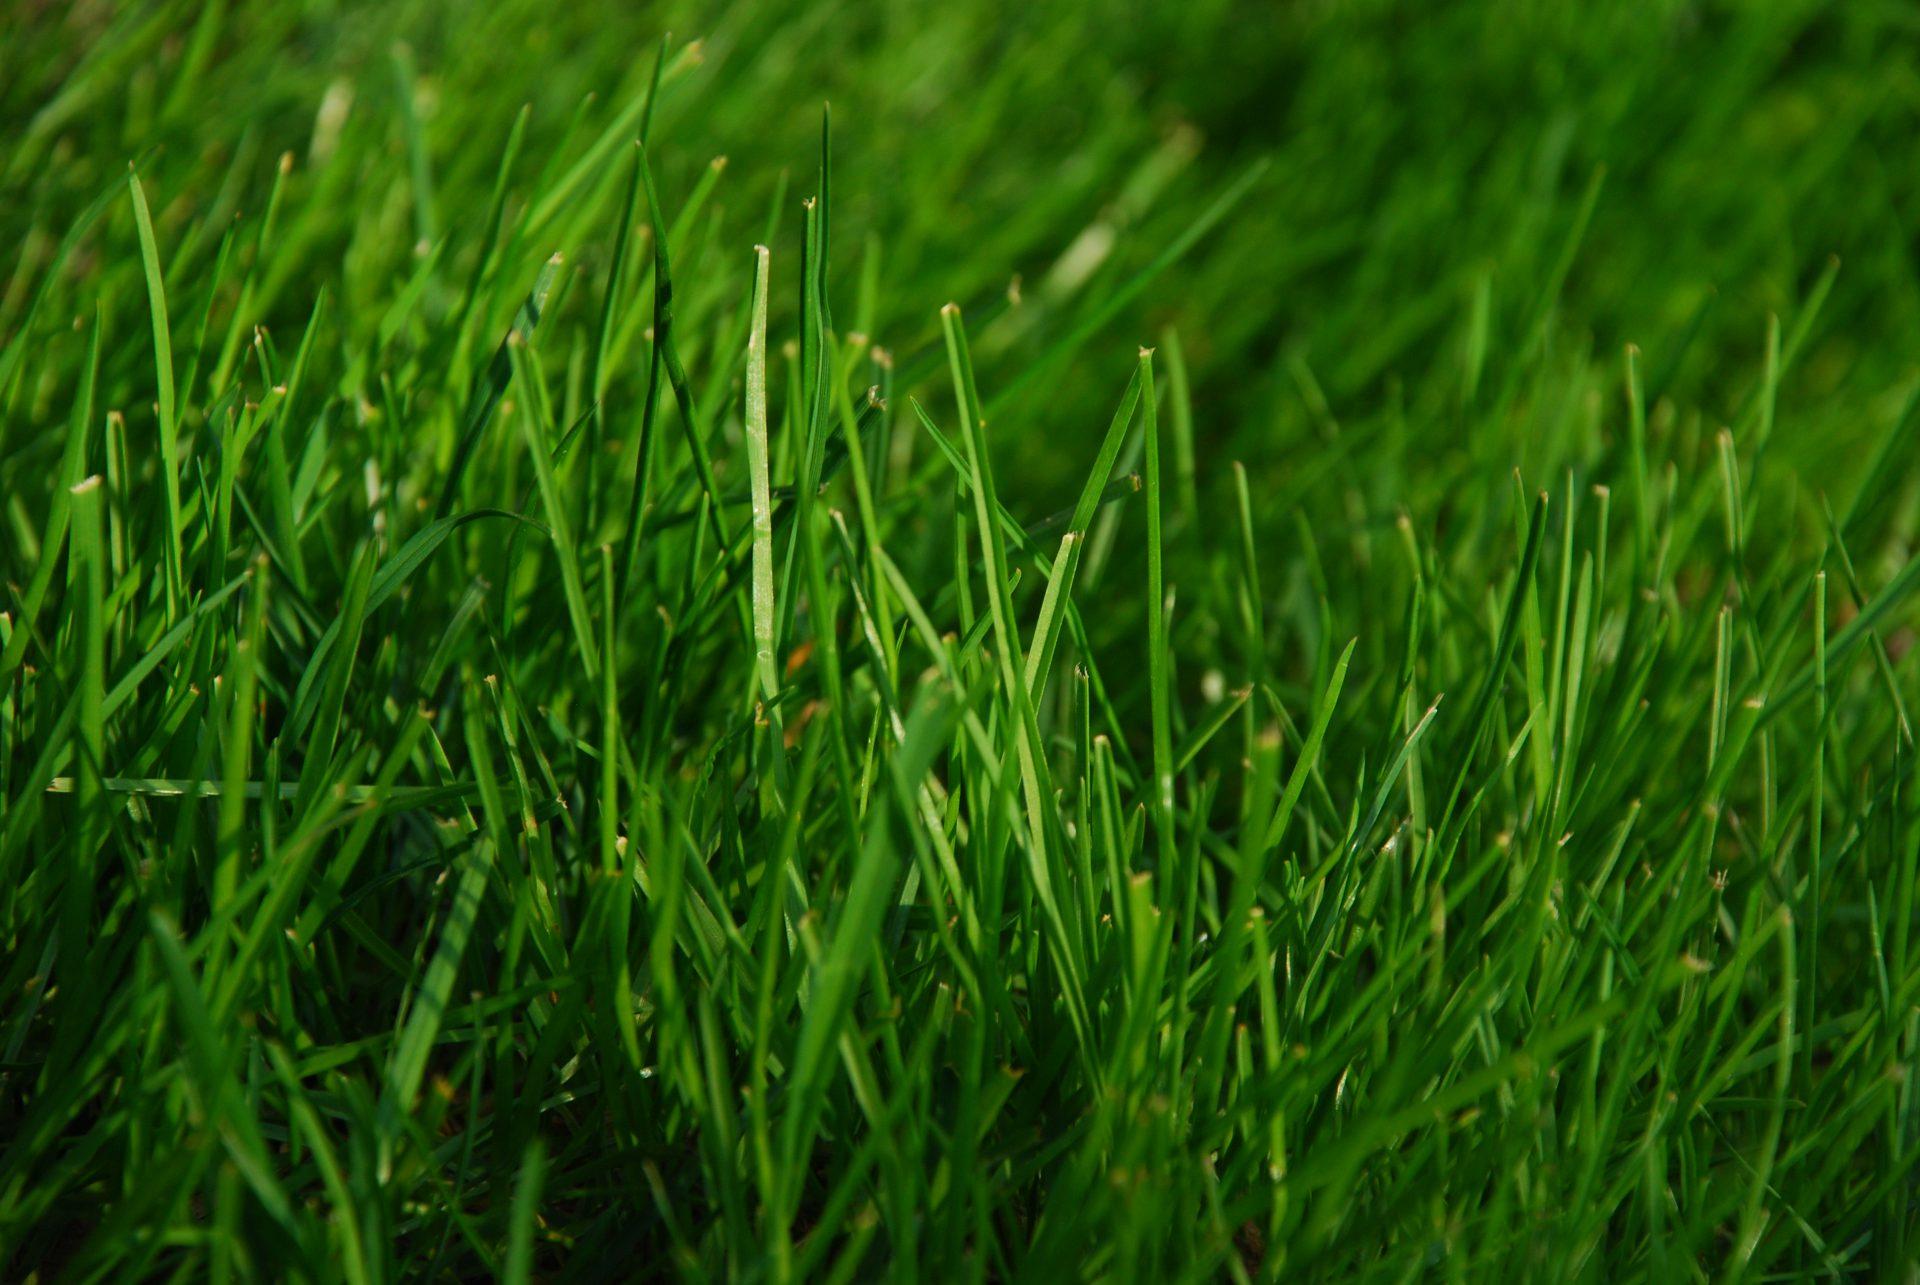 Selain Kaedah Penanaman Yang Salah, Ini Mungkin Penyebab Rumput Di Laman Anda Tidak Menjadi 5